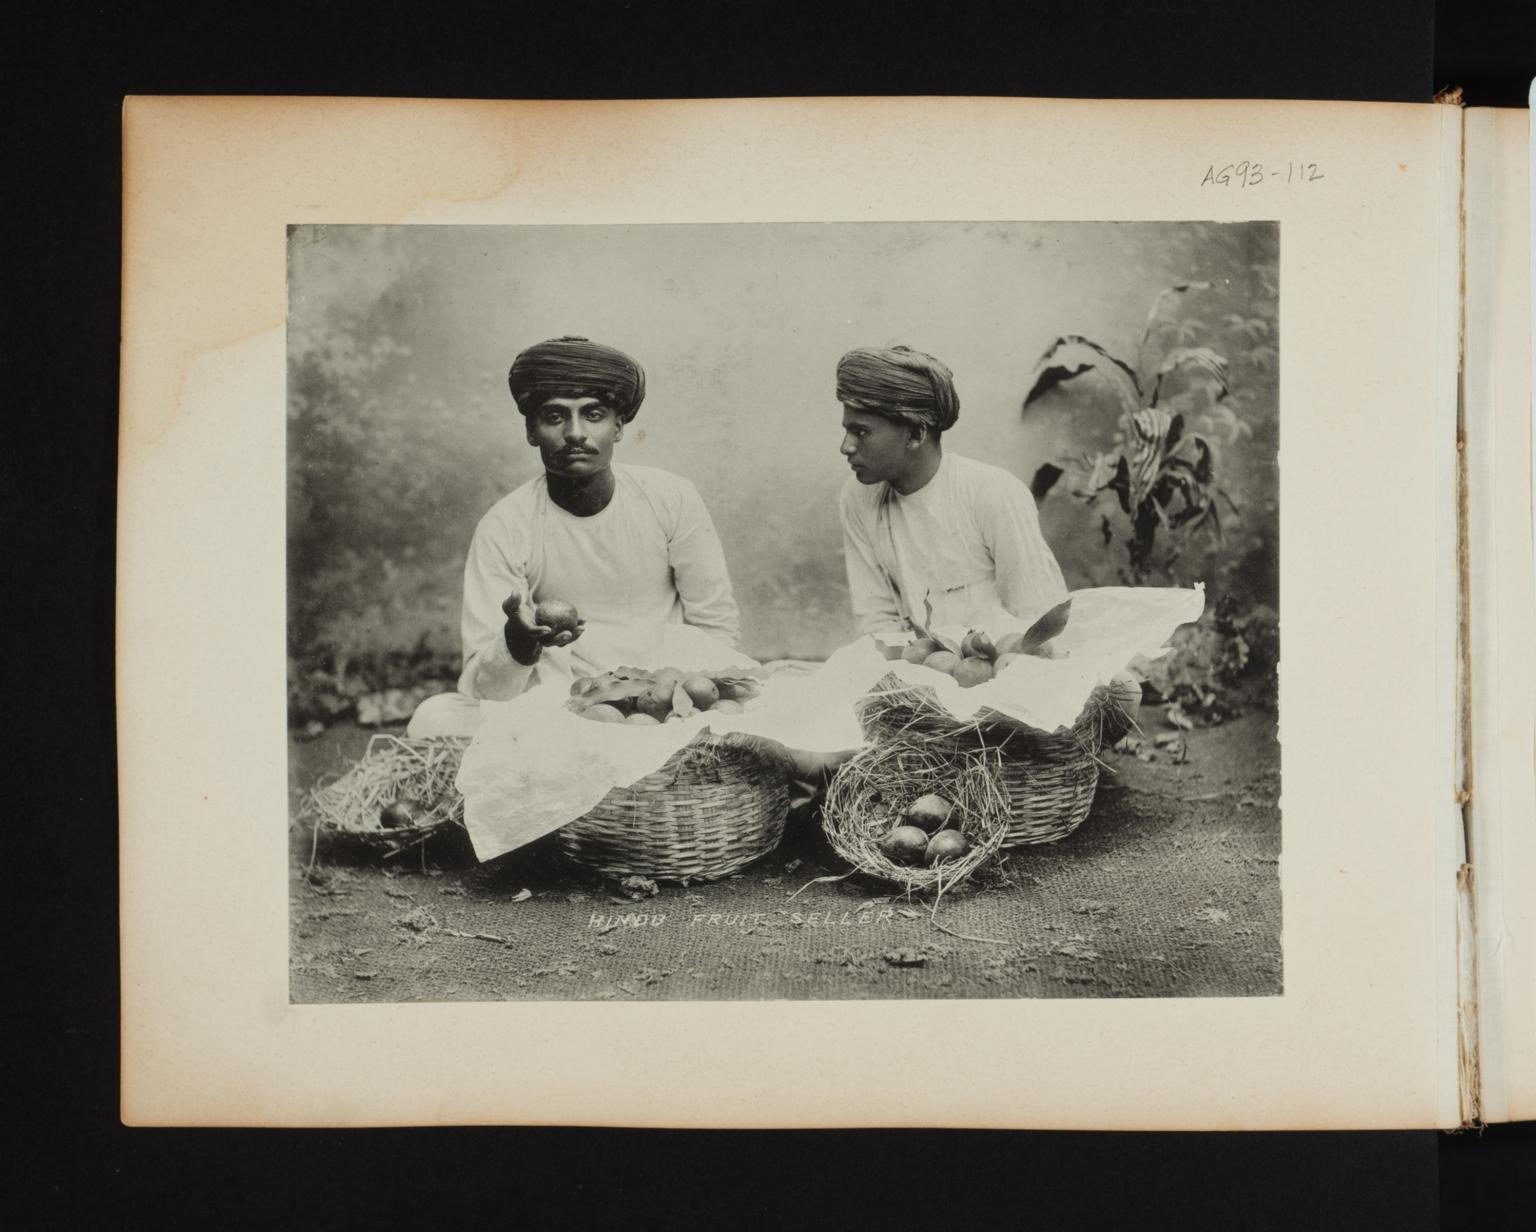 Hindu fruit sellers in India.